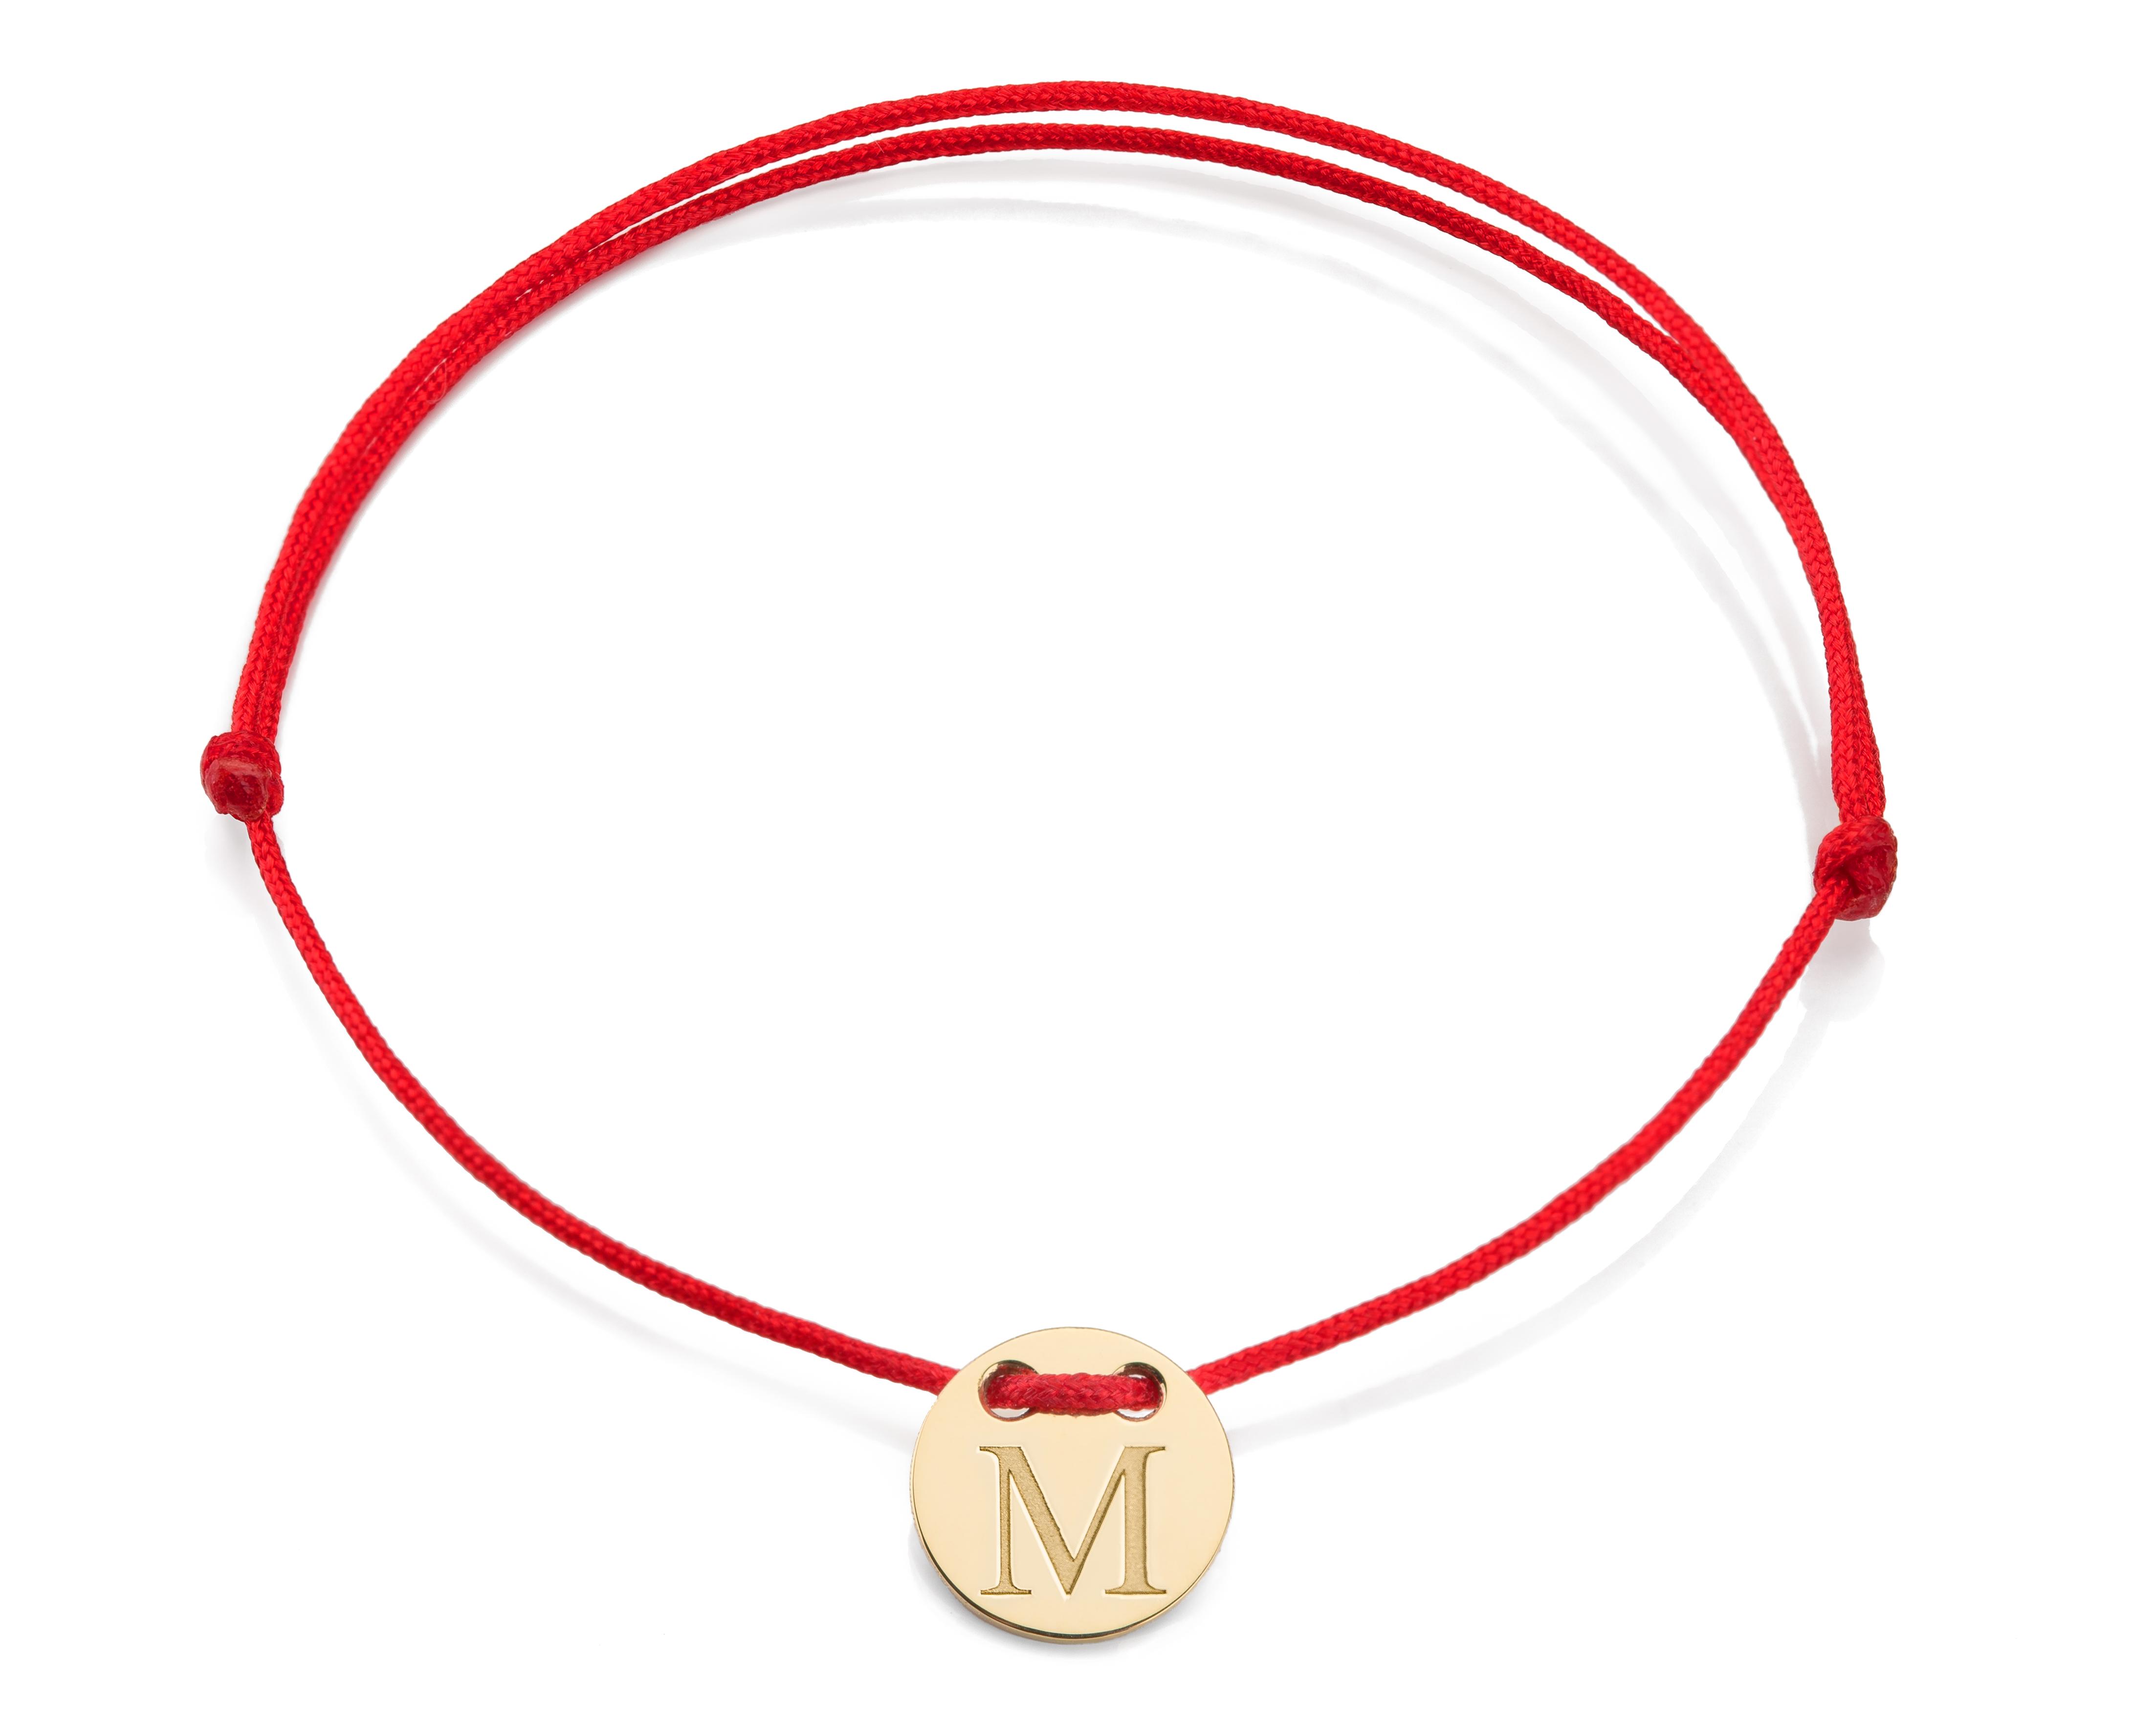 Červená šnúrka, 14kt zlato, Iniciál M